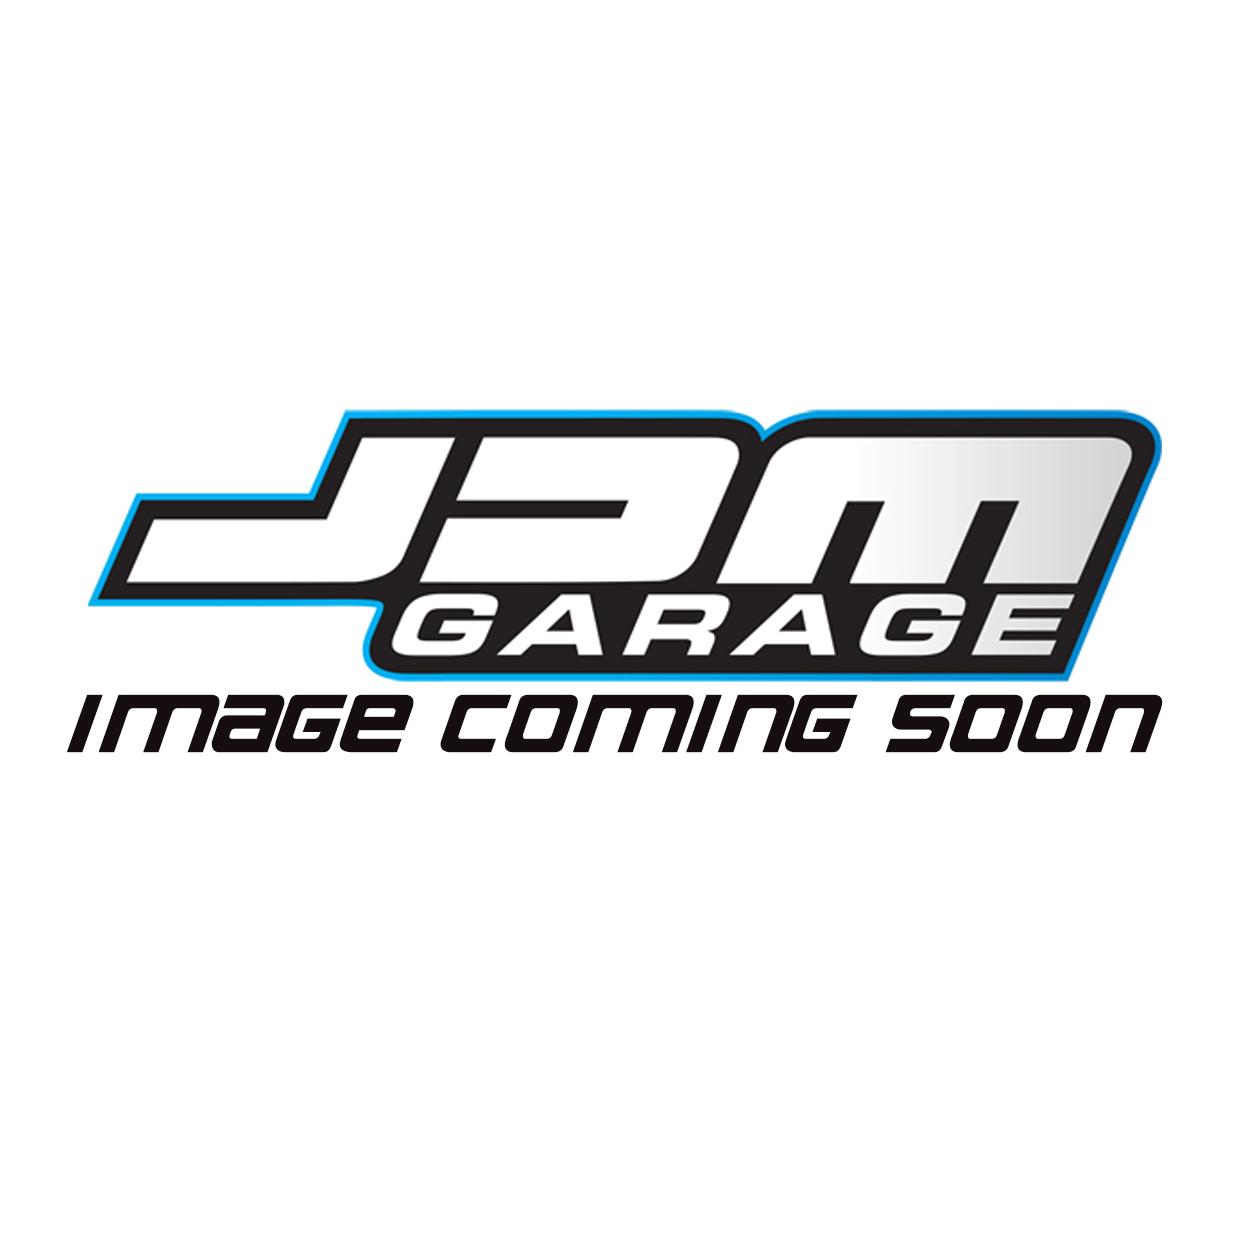 Siruda Rocker Cover Gasket - Nissan S14/S15 SR20DET Black Top, Bent Cam, VVT